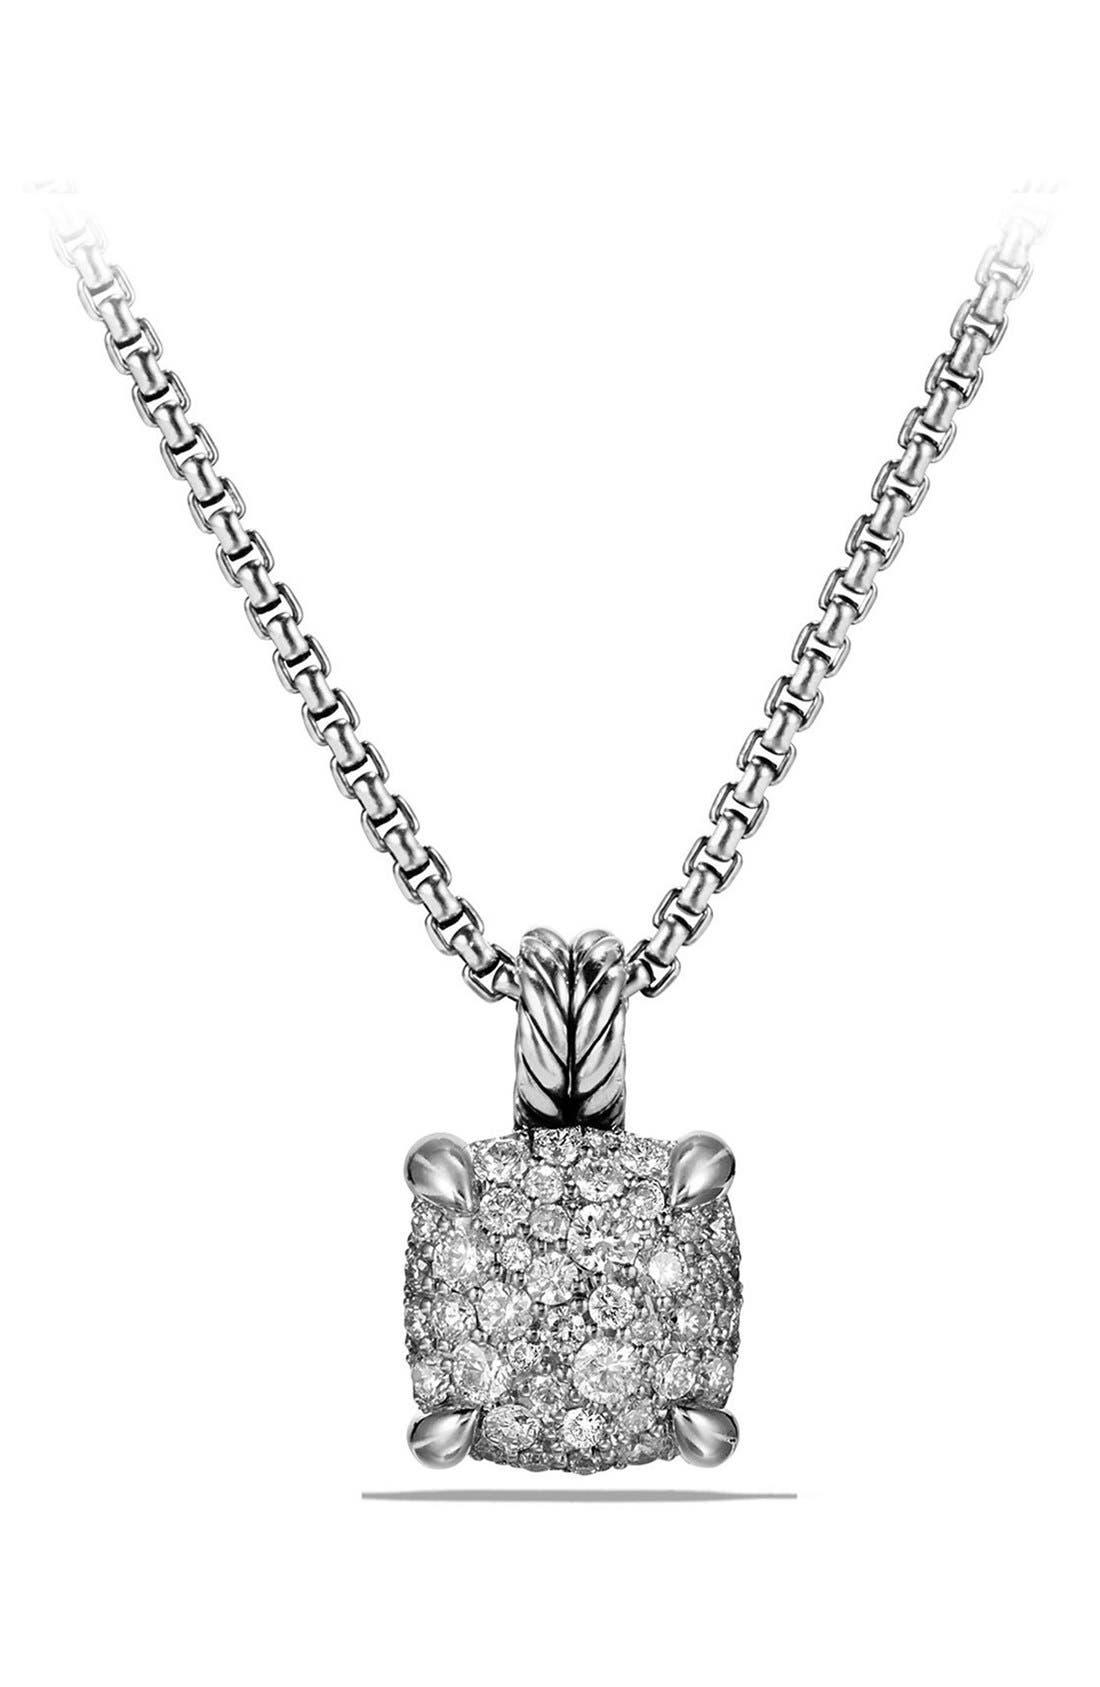 David Yurman 'Châtelaine' Pendant Necklace with Diamonds